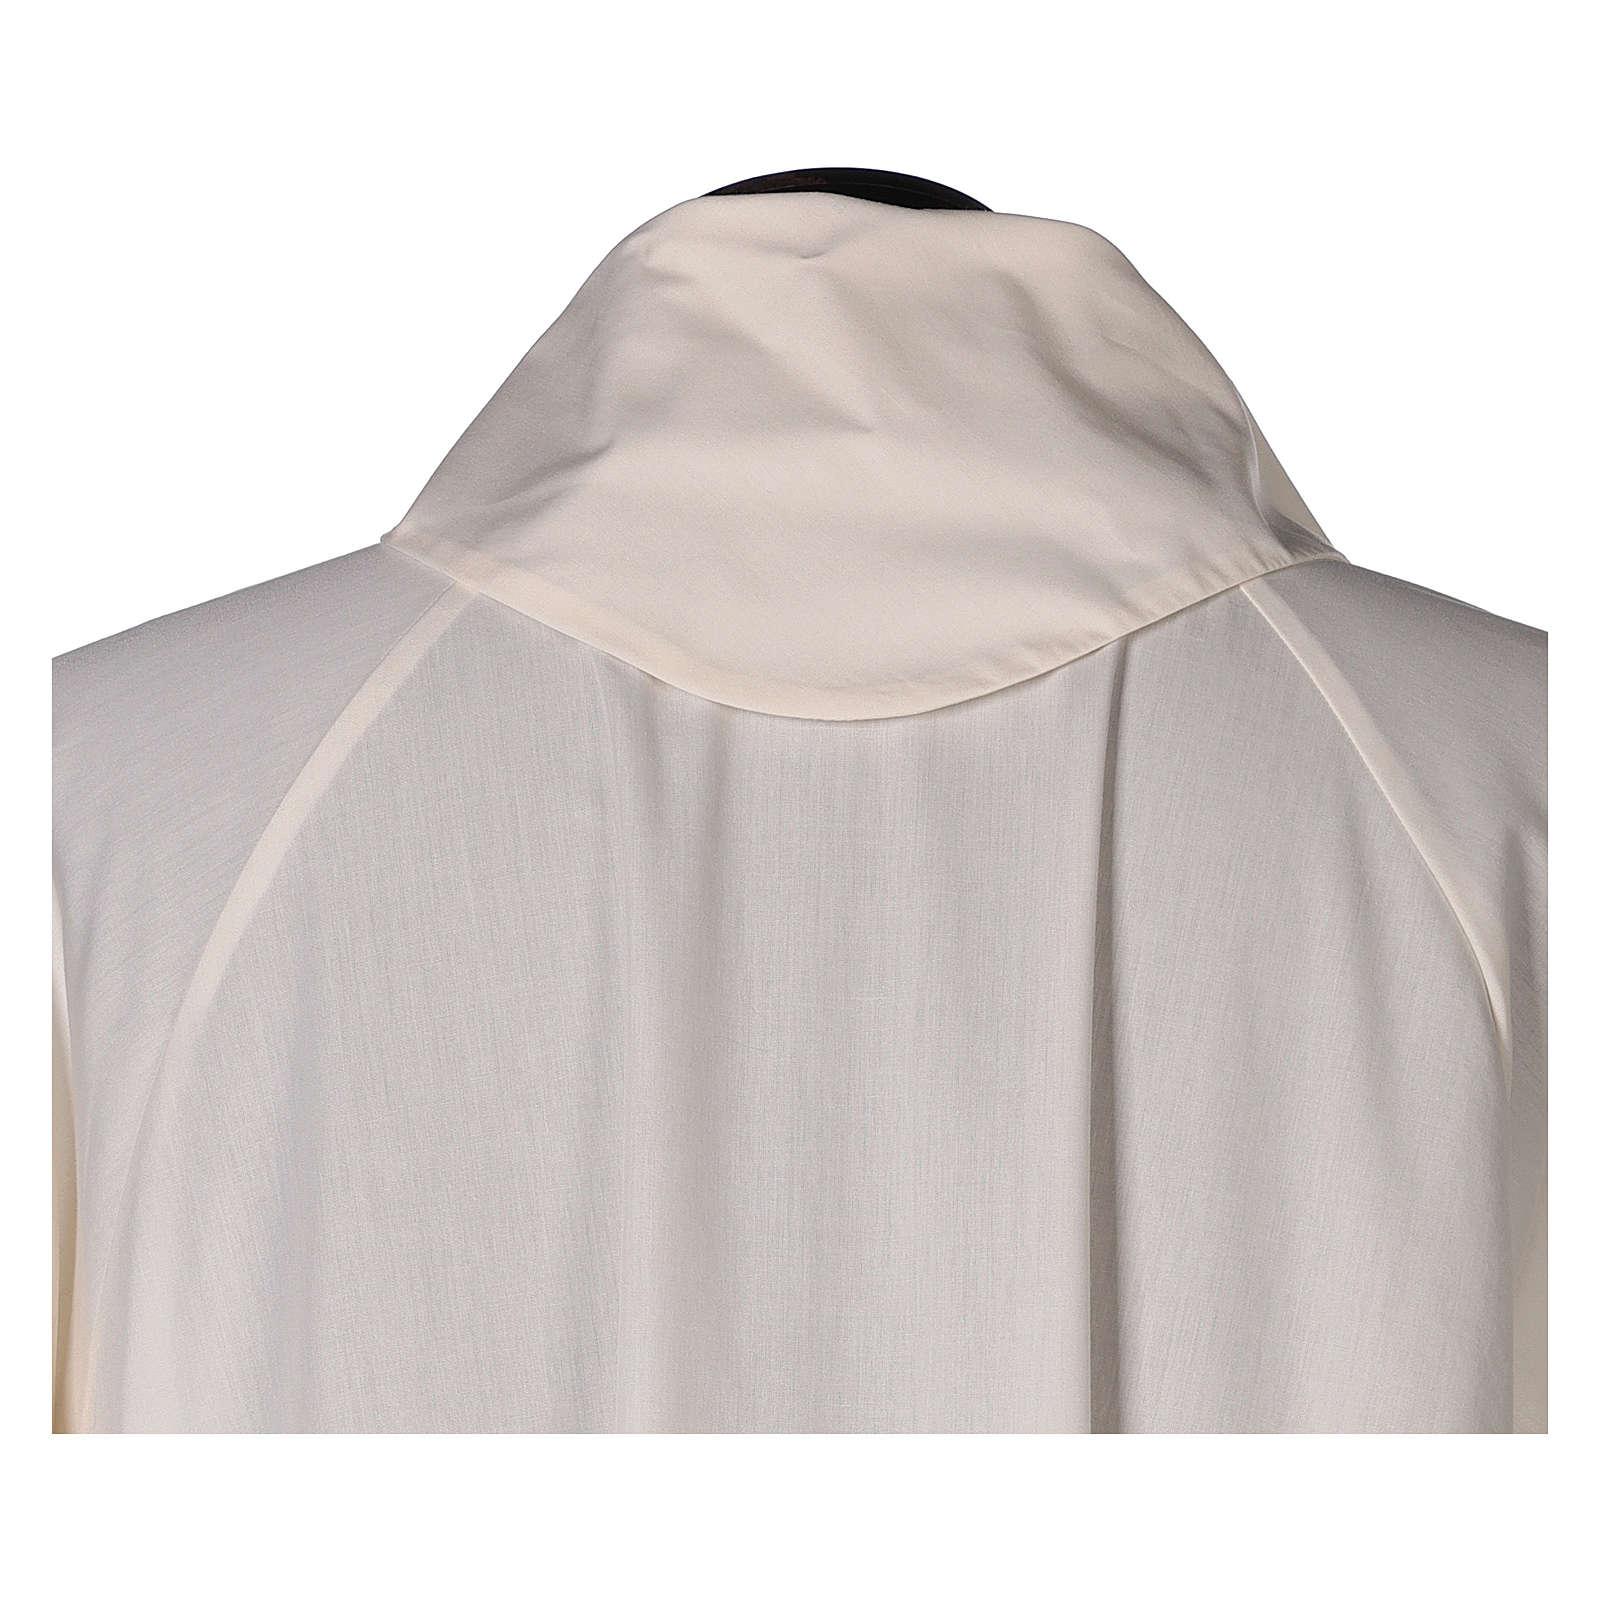 Aube liturgique ivoire évasée faux capuche 65% pol 4